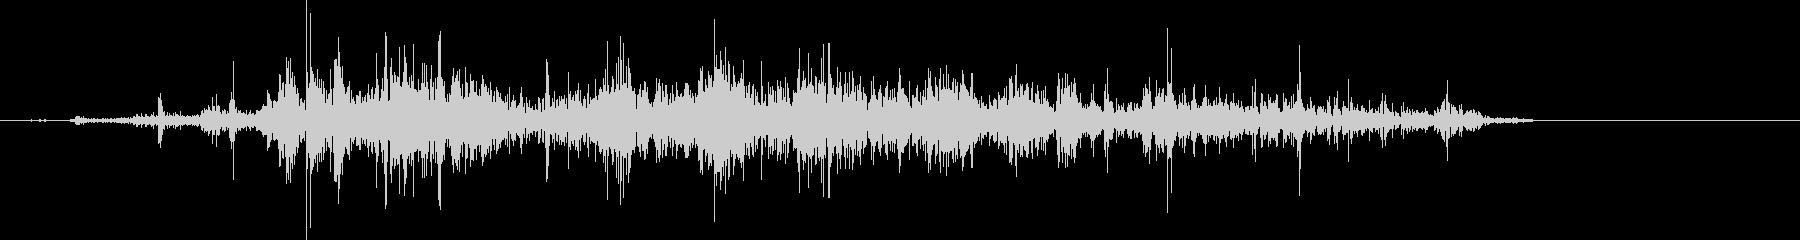 くしゃくしゃ(紙、丸める、削除)の未再生の波形